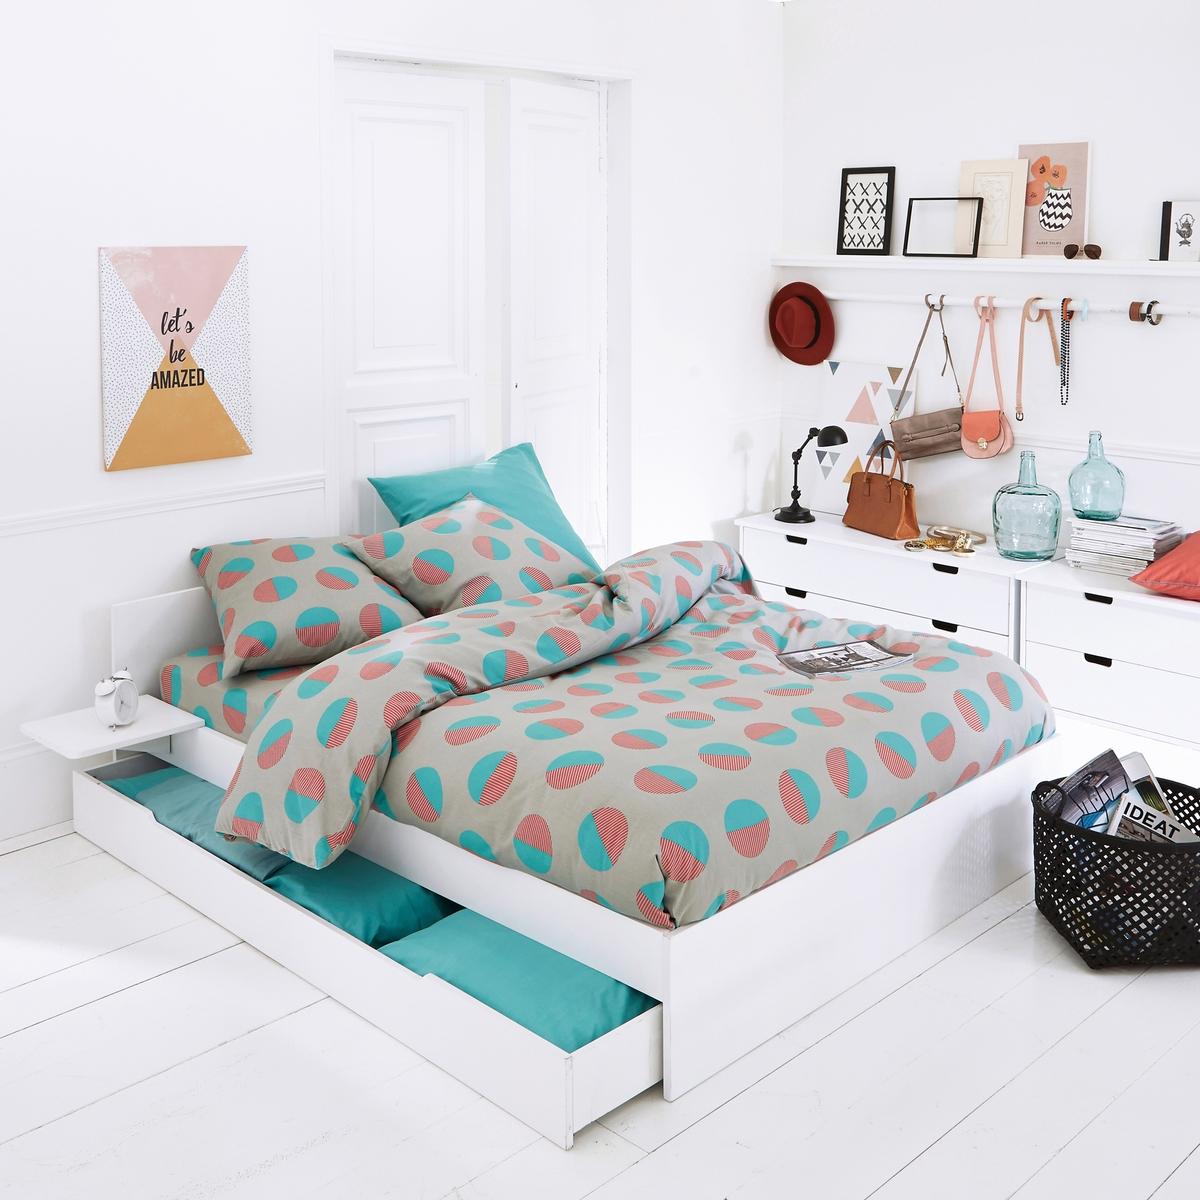 Комплект постельного белья, 100% хлопка, Circlo